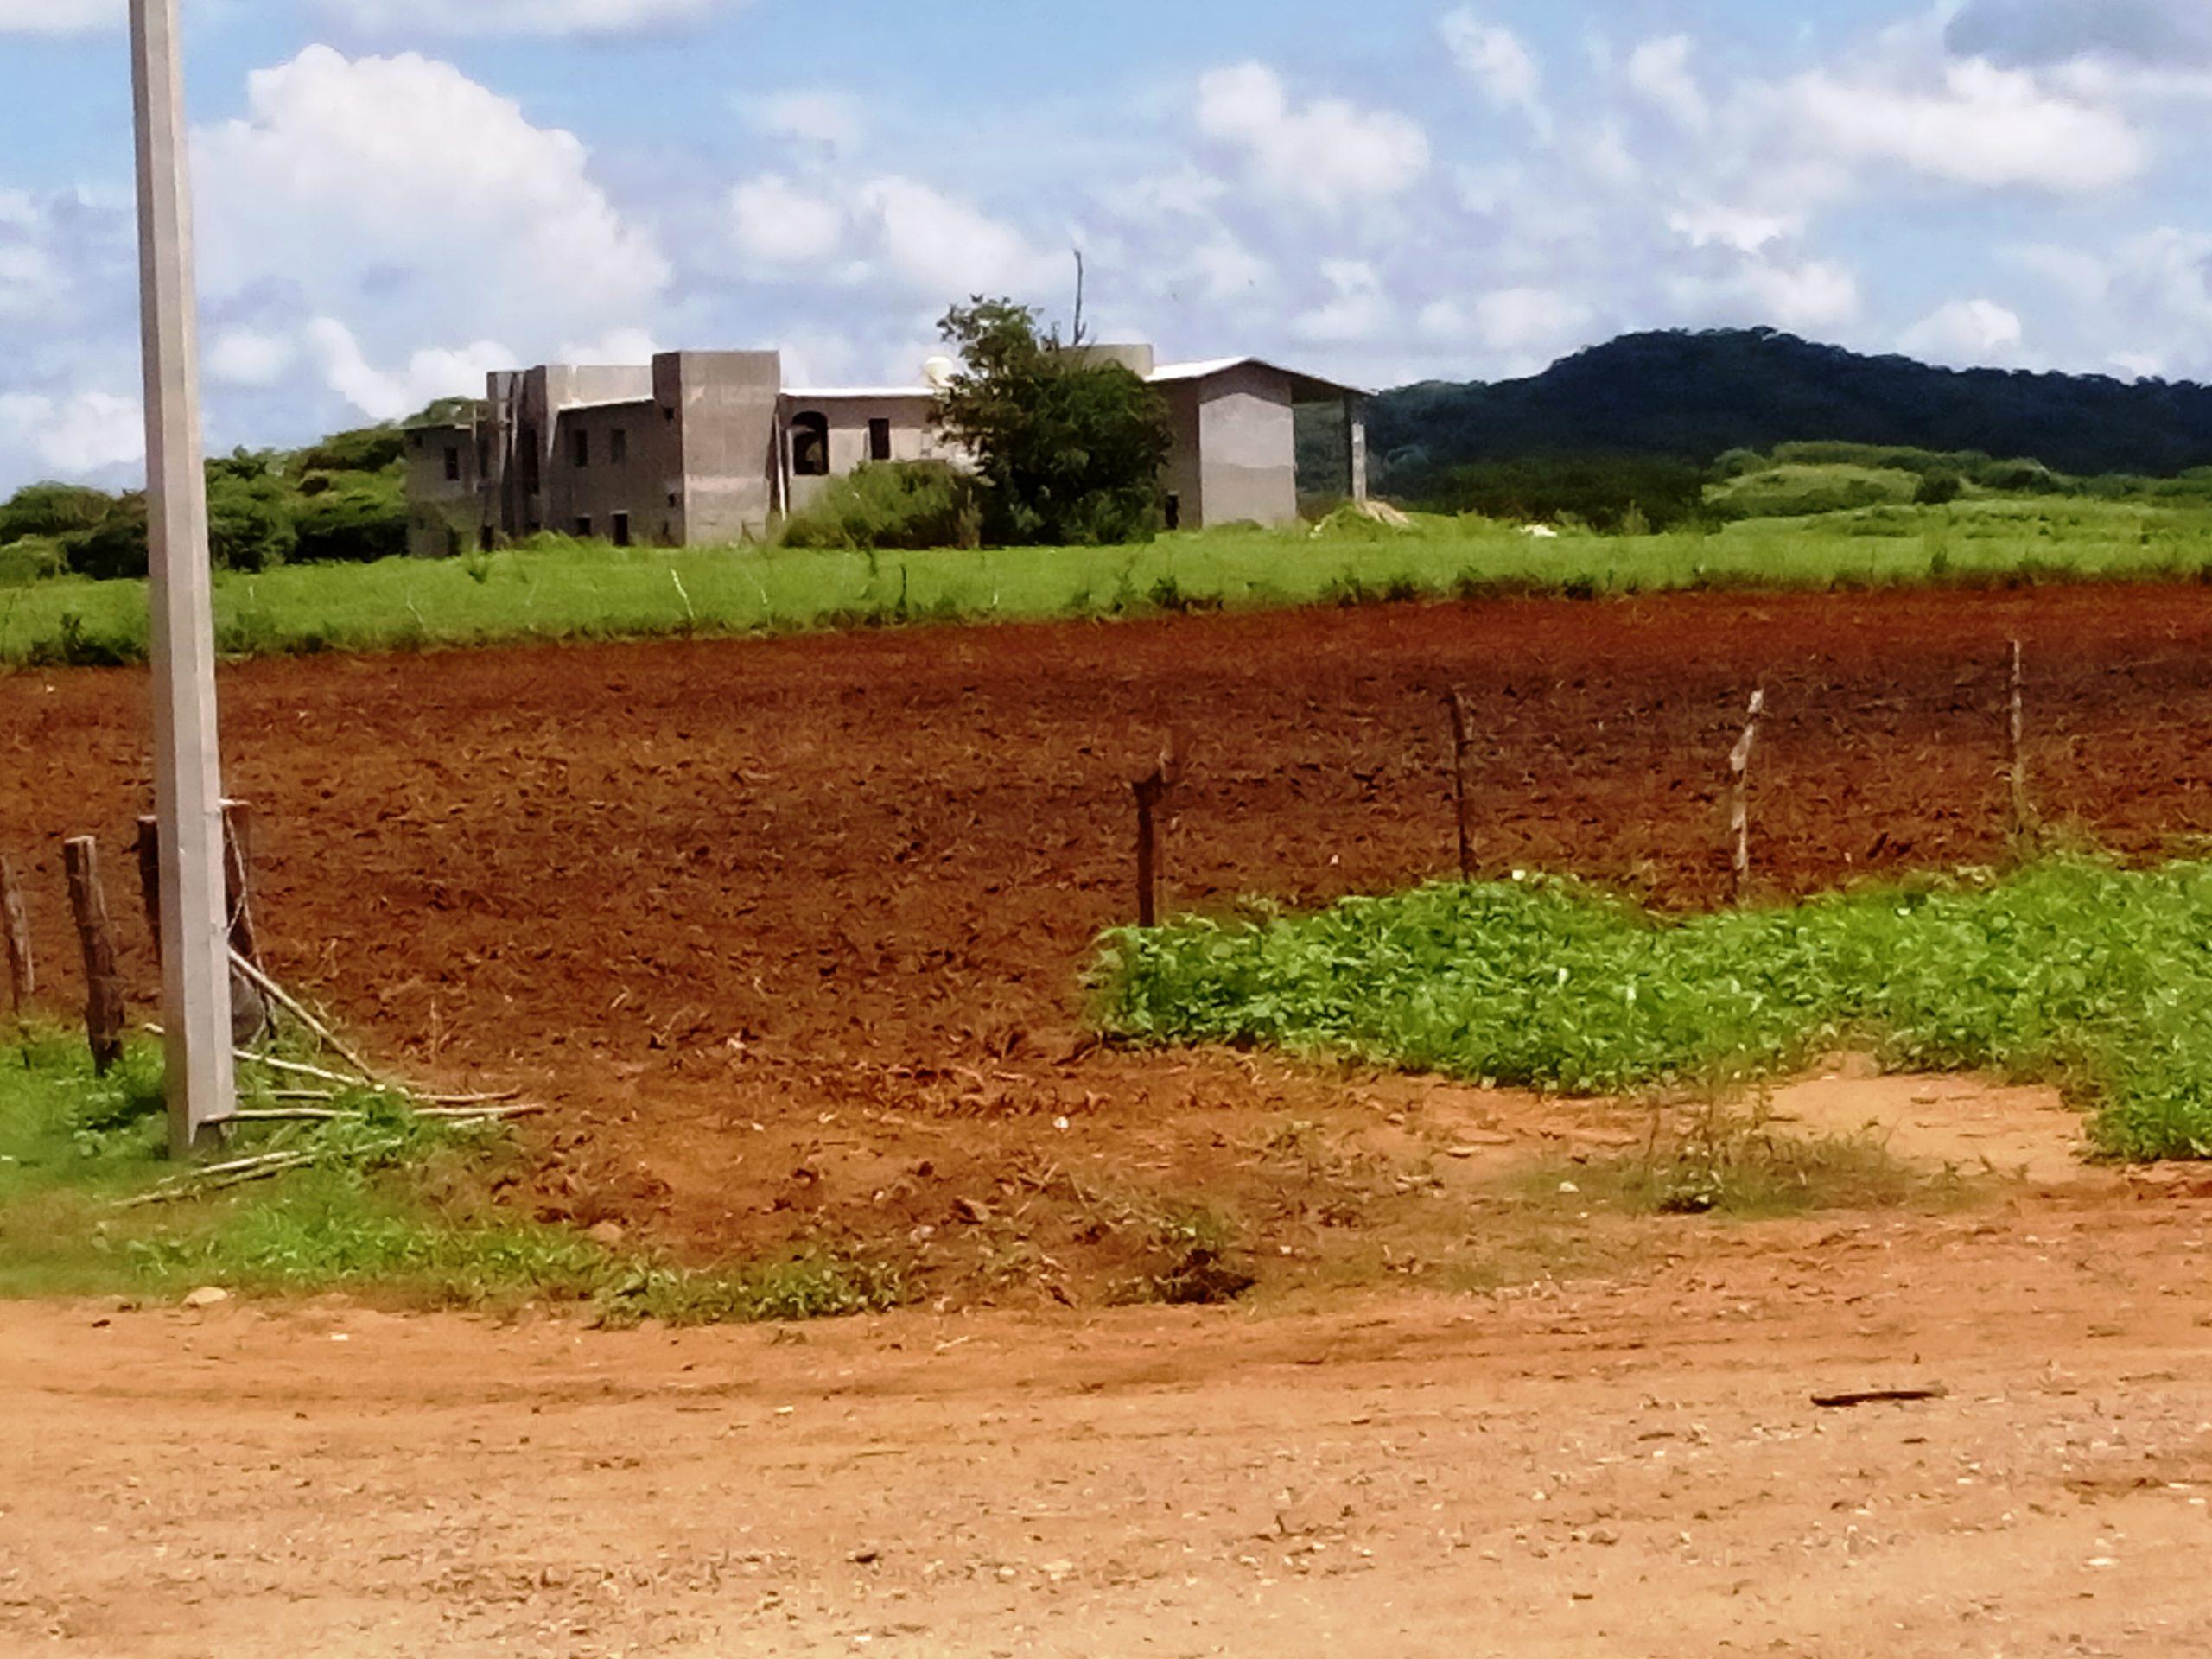 Hacienda con 10 habitaciones + 6 hectáreas de campo